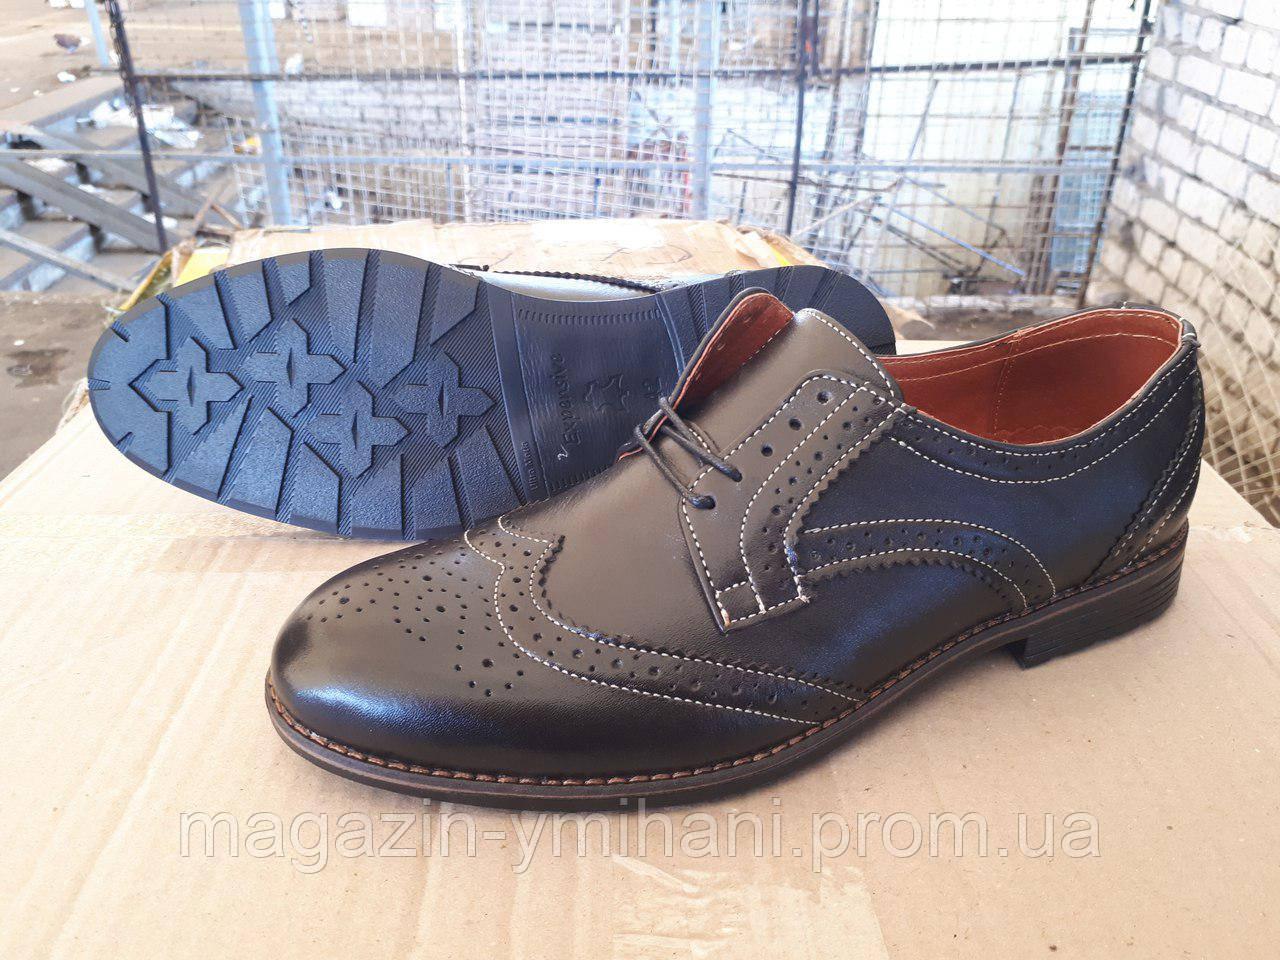 fda10d757 Мужские коричневые кожаные туфли оксфорд. Харьков - Интернет-магазин